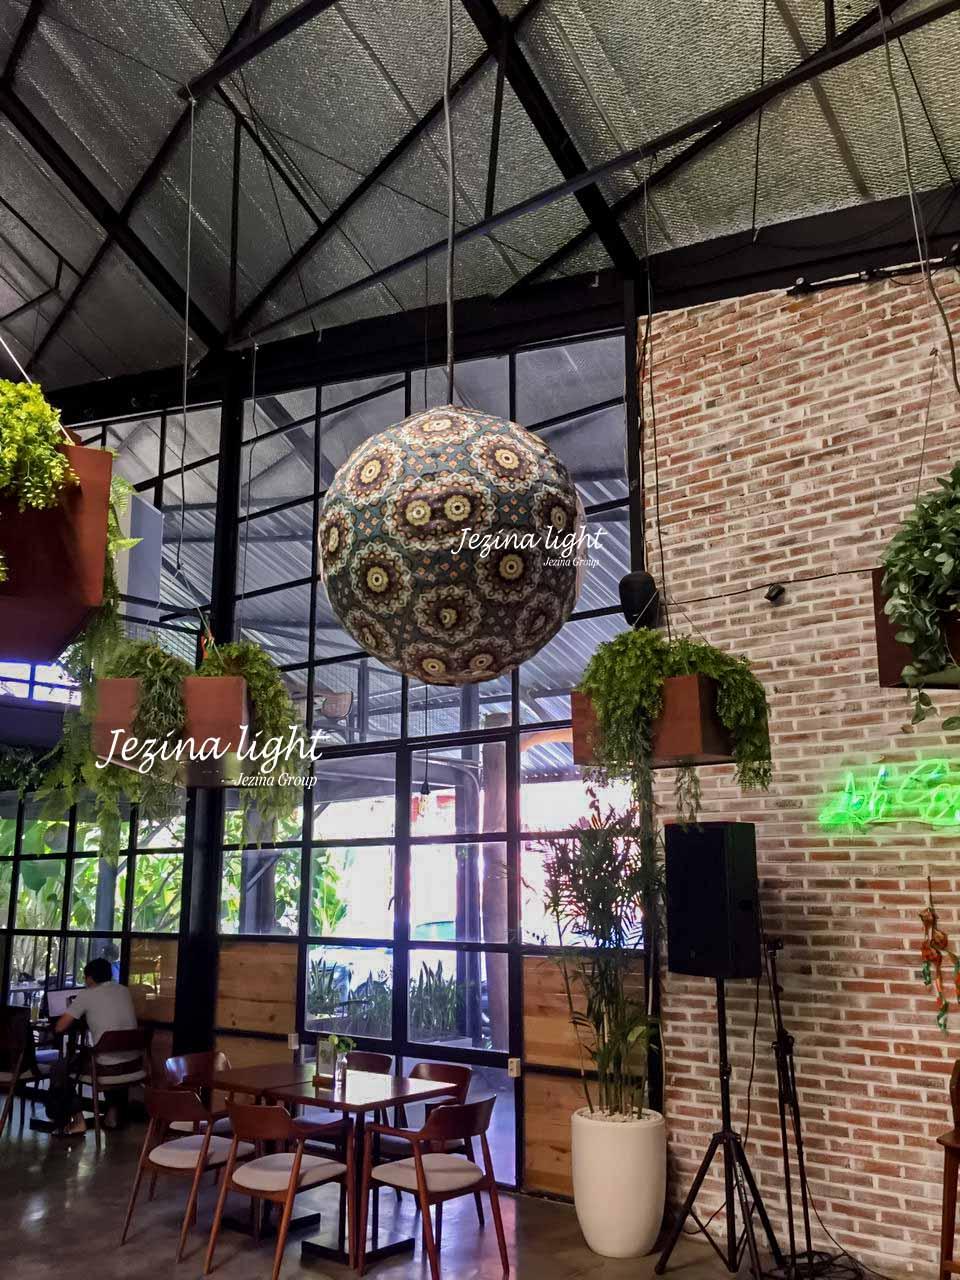 Dekorasi Lampion untuk Restoran Bapak Mukti Denpasar